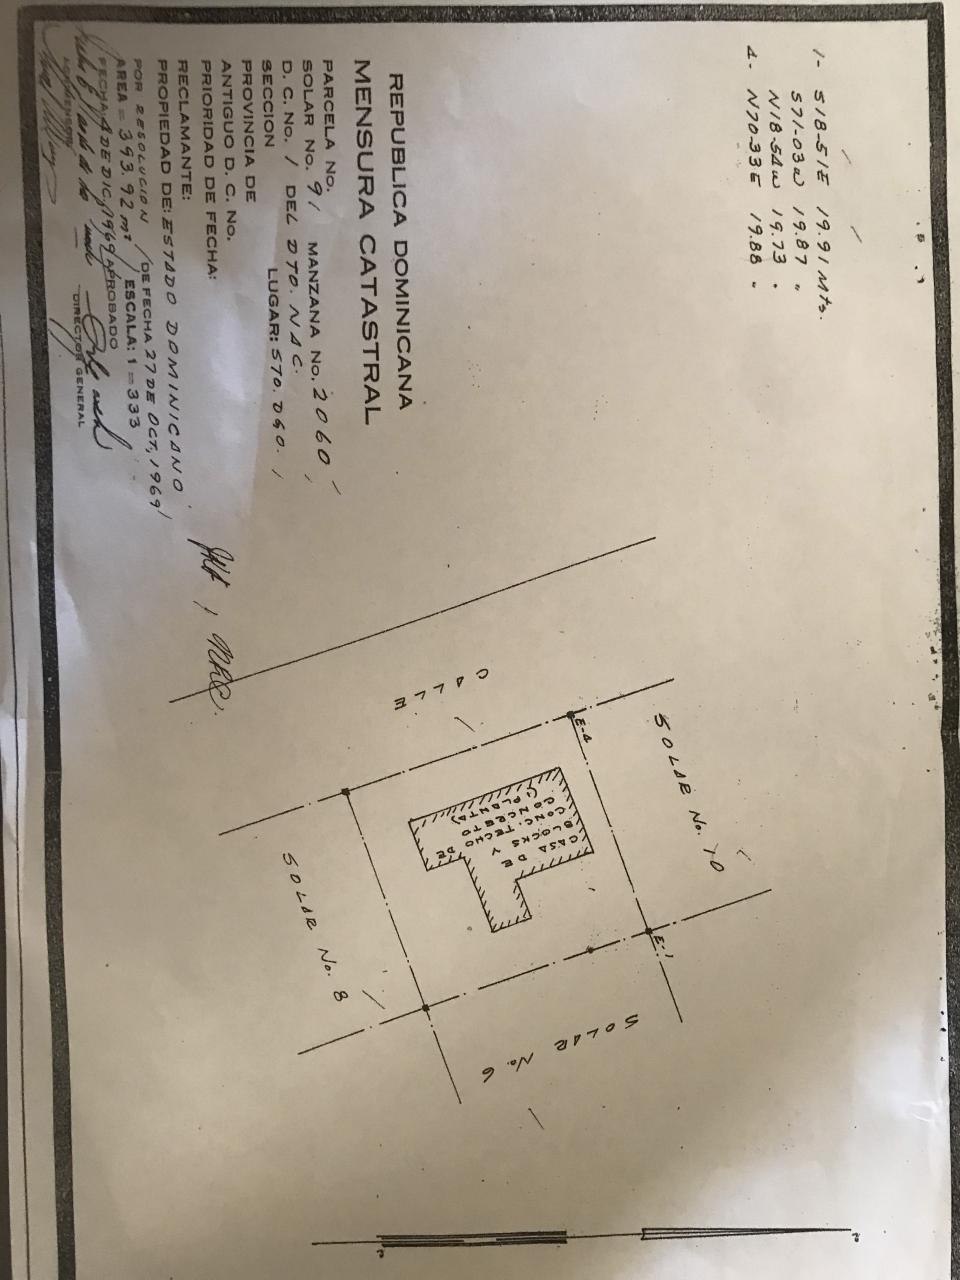 Terreno en venta en el sector MIRADOR SUR precio RD$ 20,000,000.00 RD$20,000,000